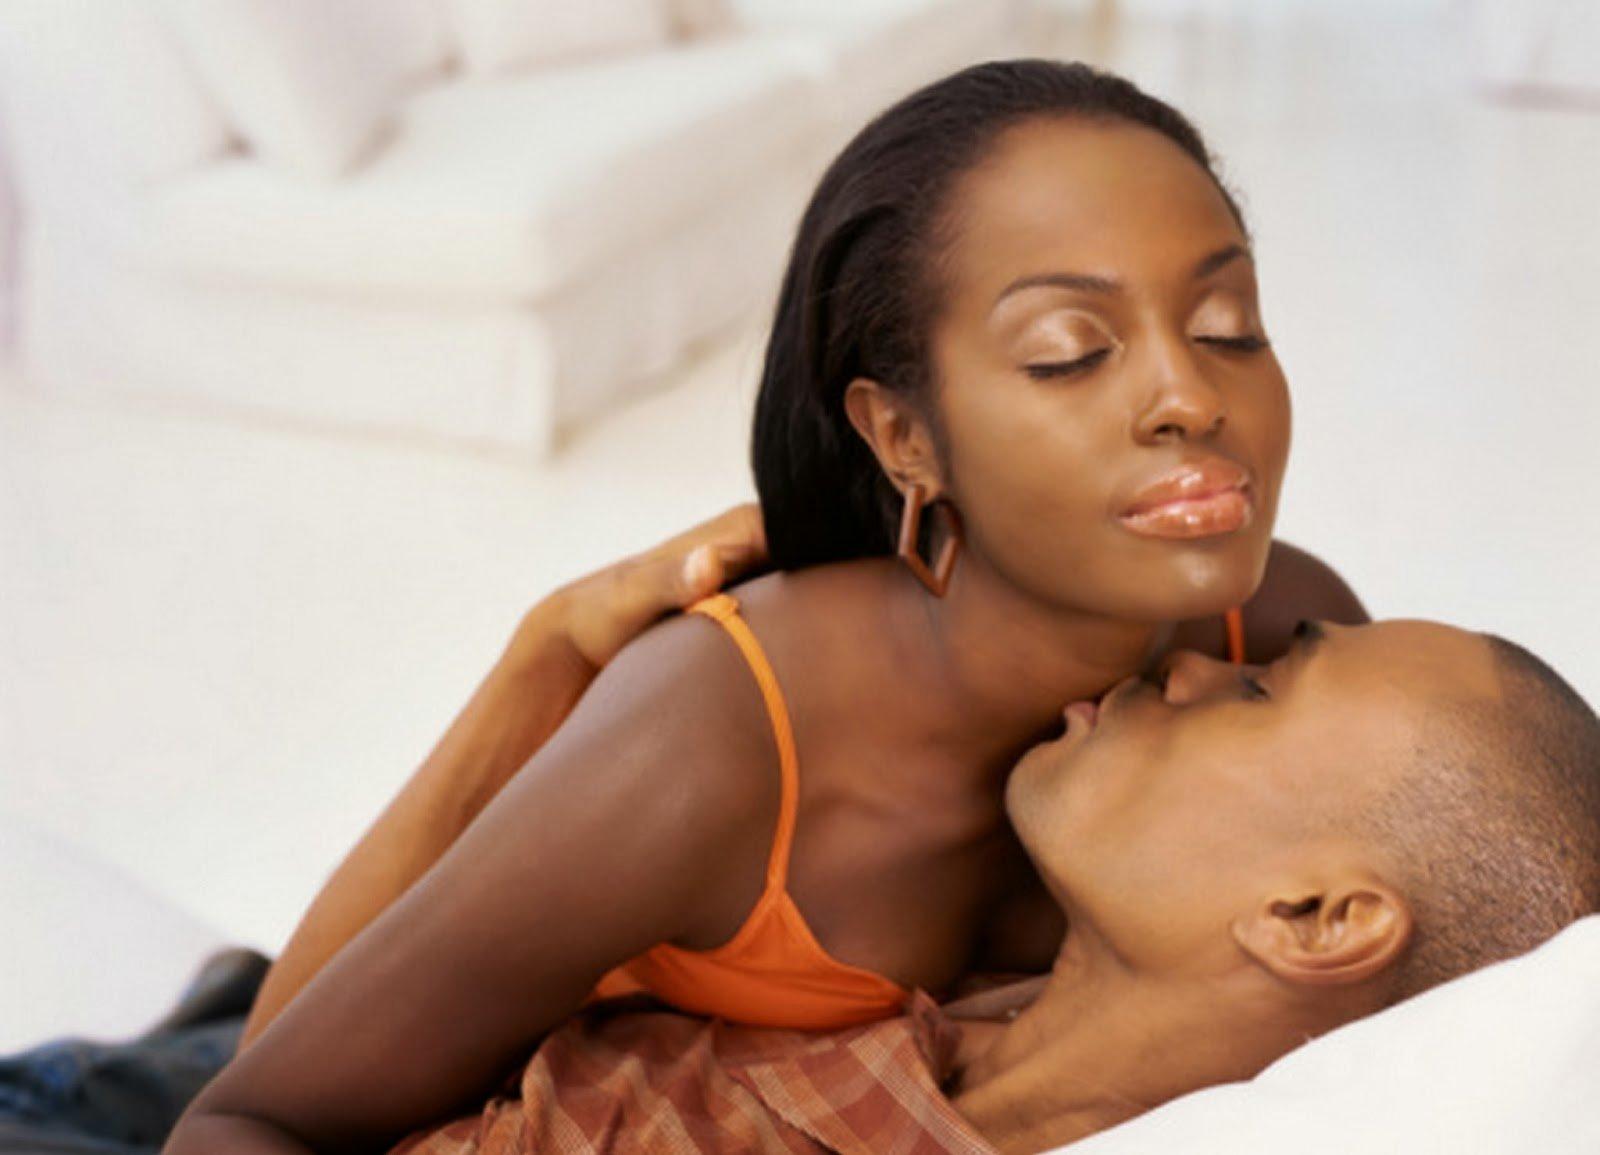 sexe afrique